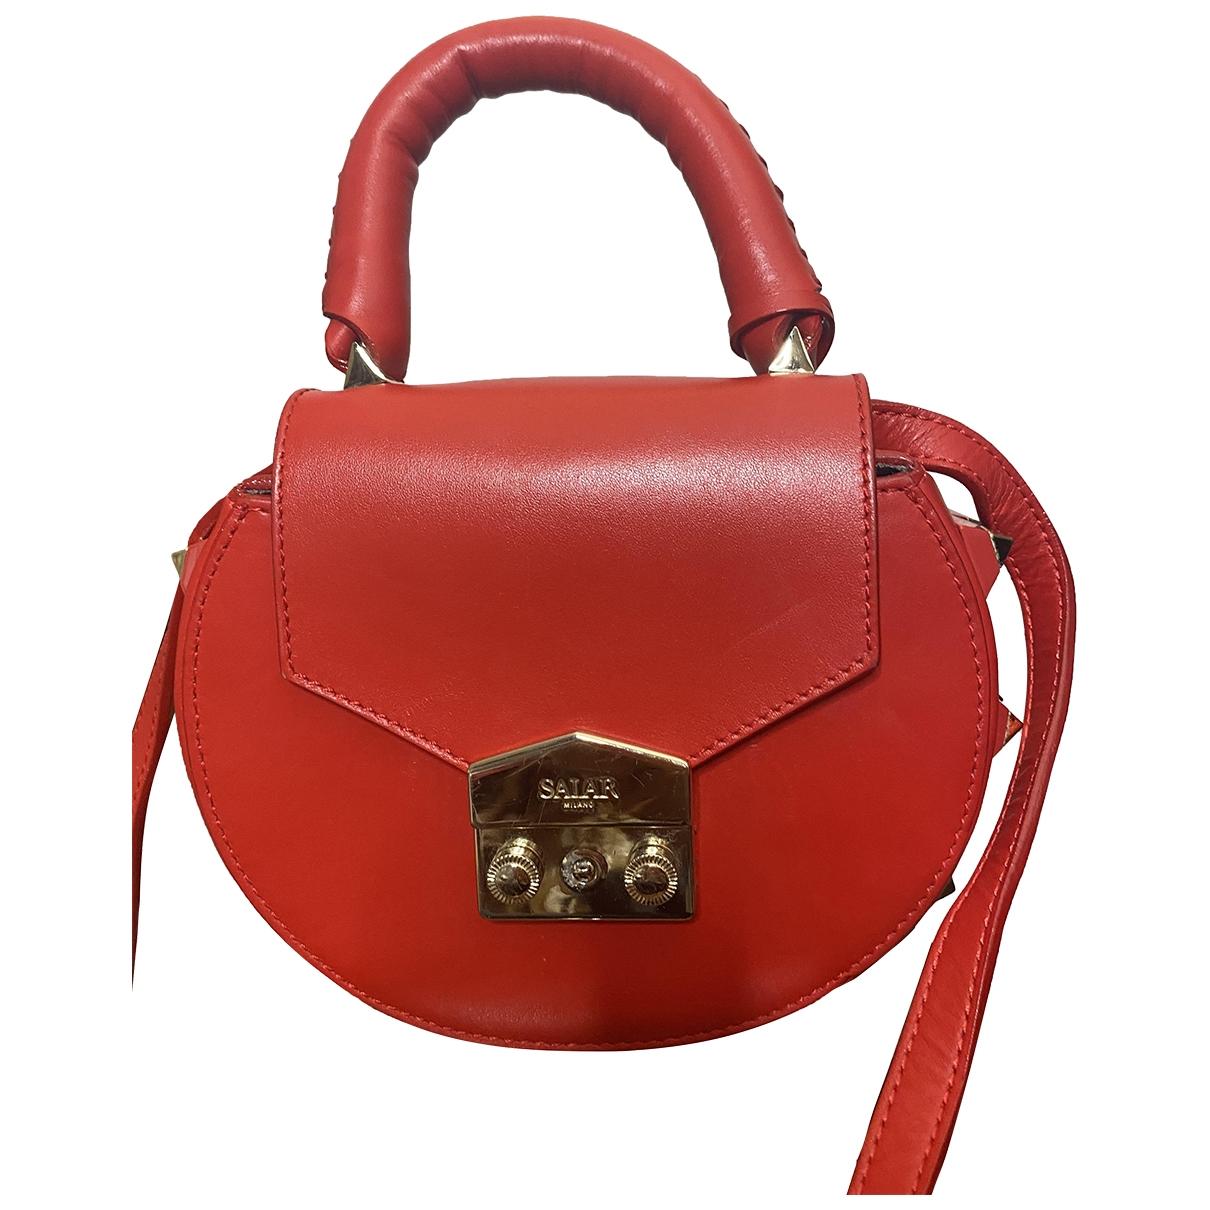 Salar \N Handtasche in  Rot Leder